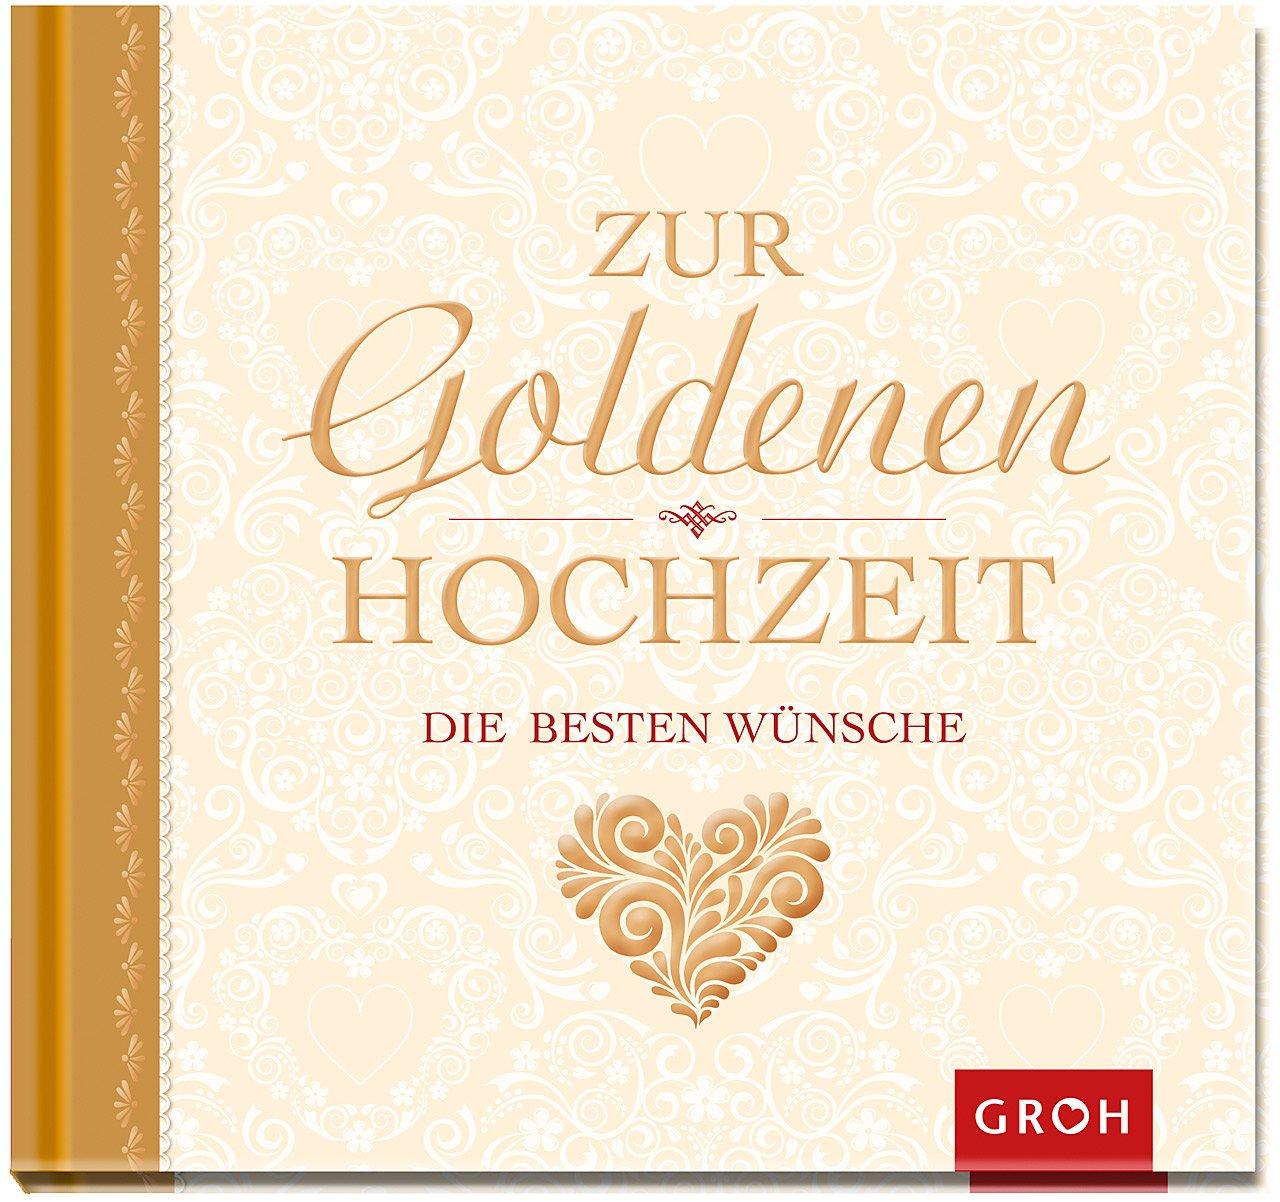 Die 10 Geschenkideen zur Goldenen Hochzeit | GeschenkeMAXX.com